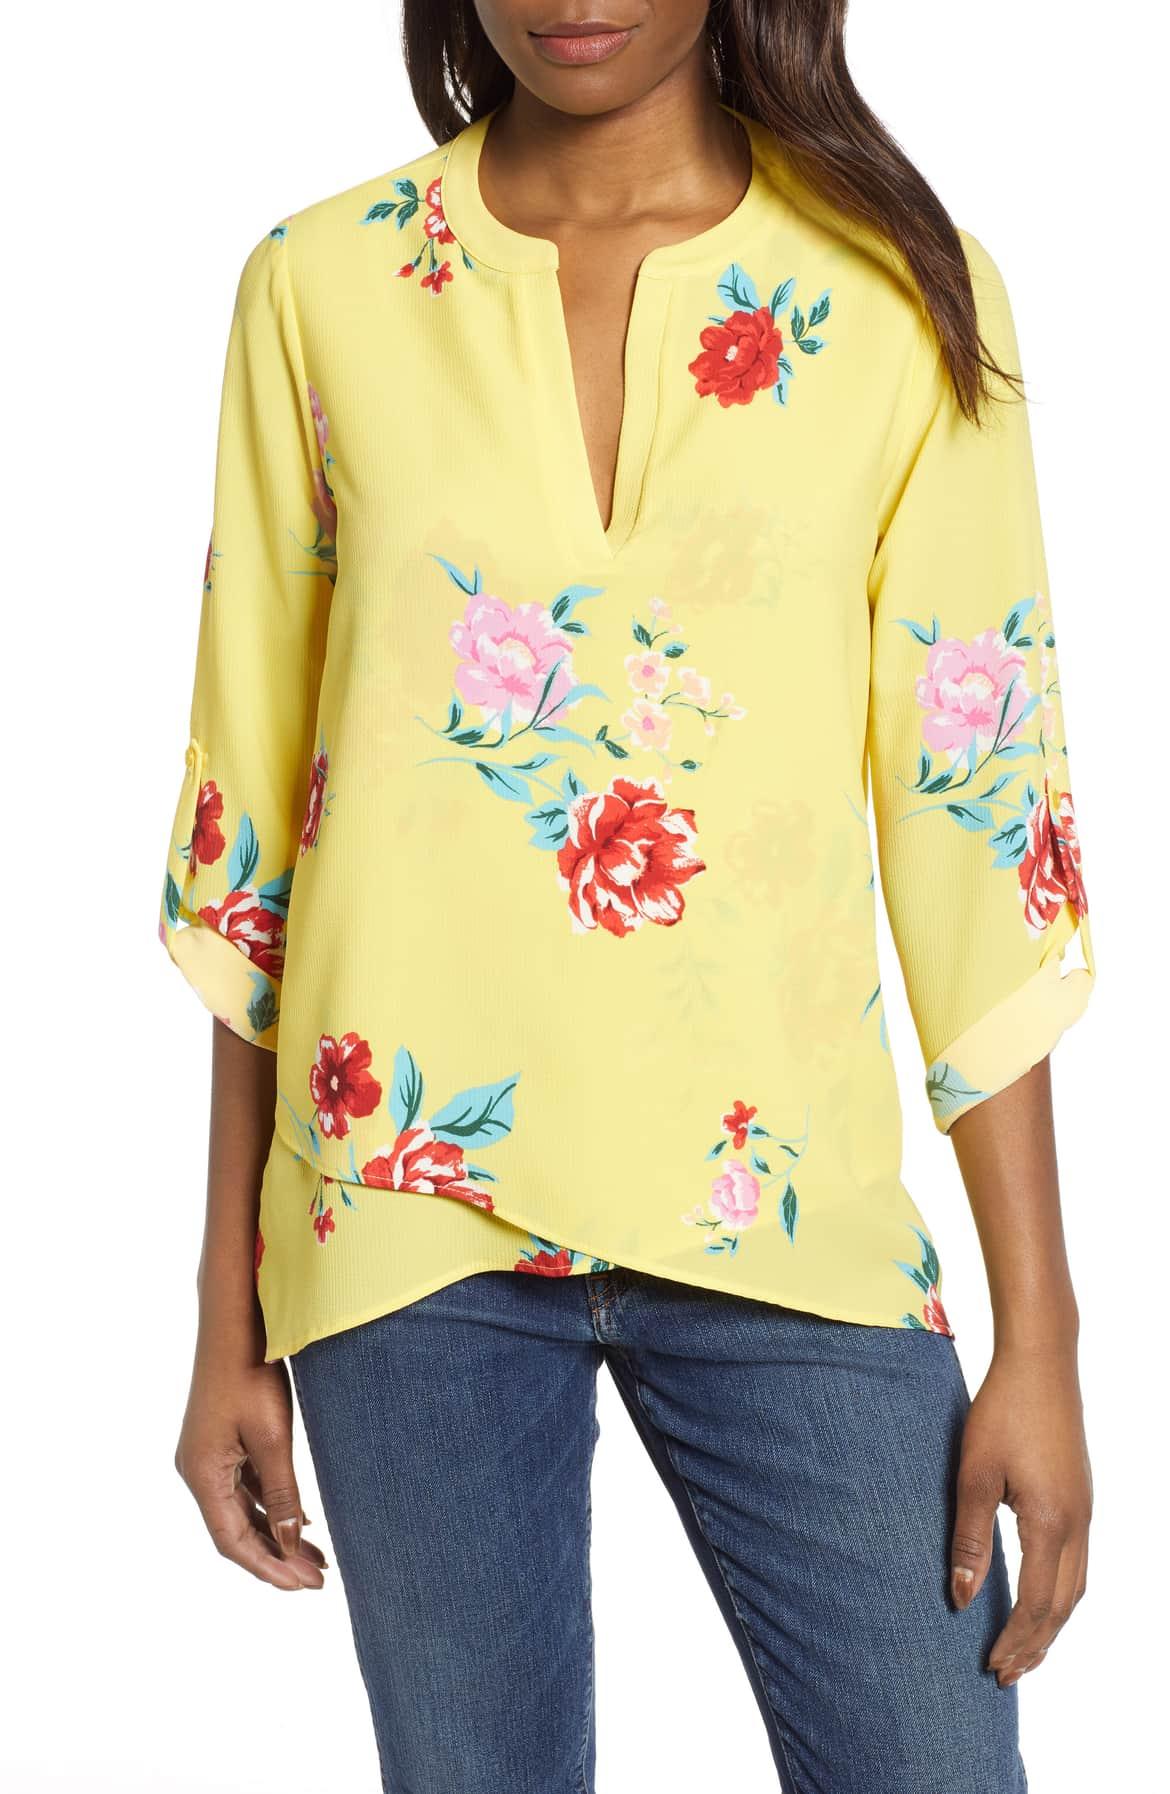 FloralShirt.jpeg